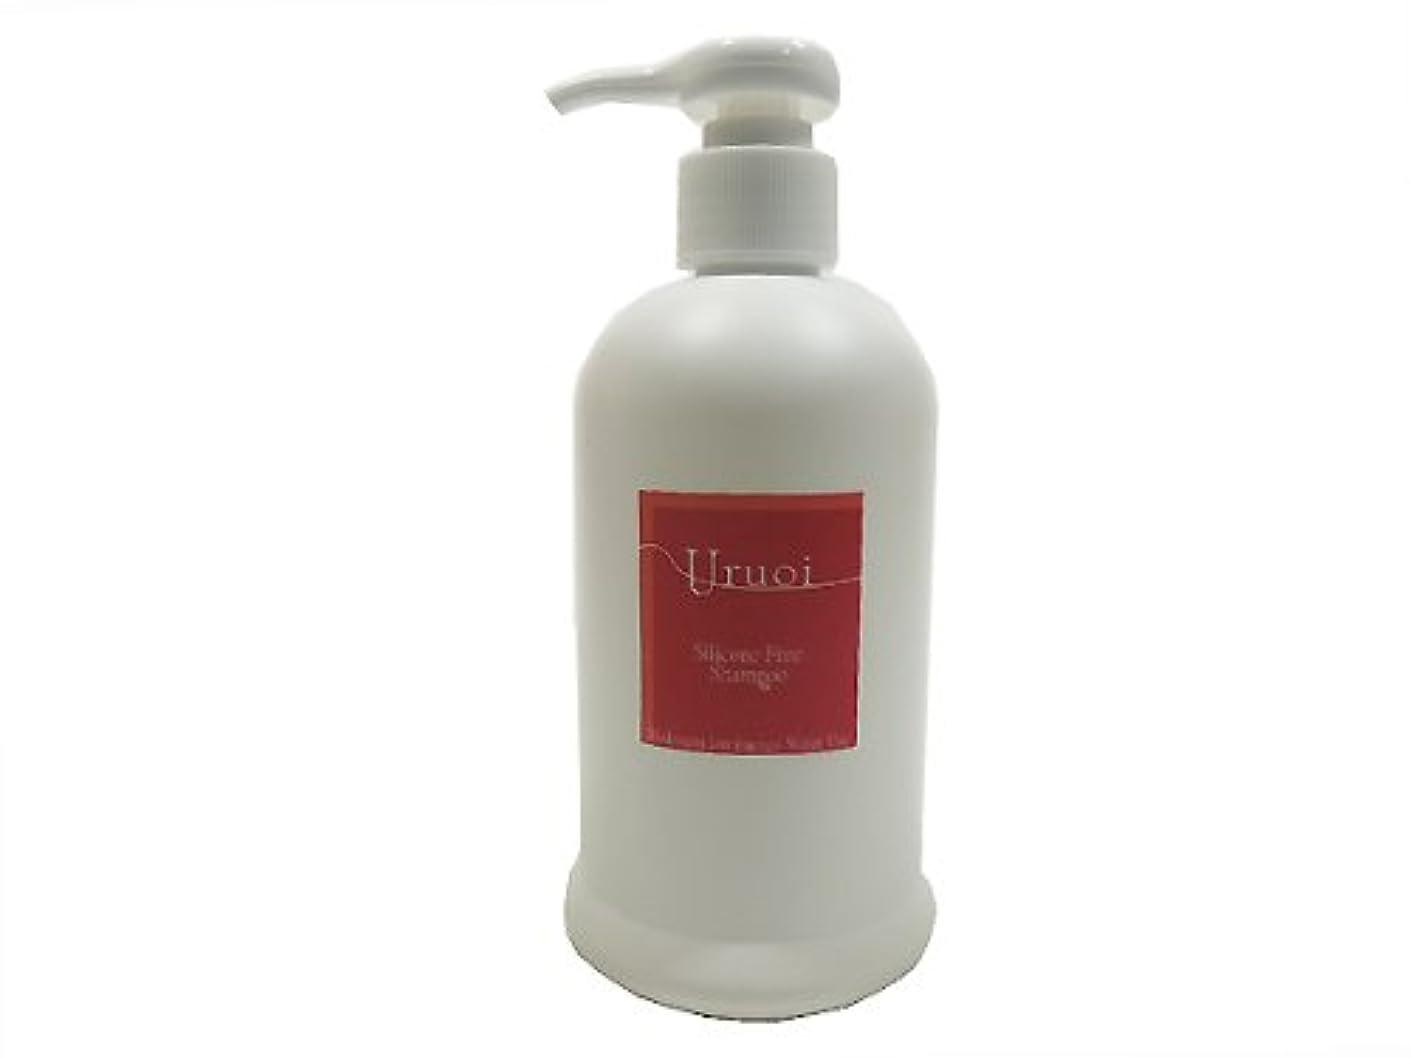 普及周辺インストラクター水素イオン発生エネルギー水 うるおいシャンプー ノンシリコン Silicone Free Uruoi Shampoo